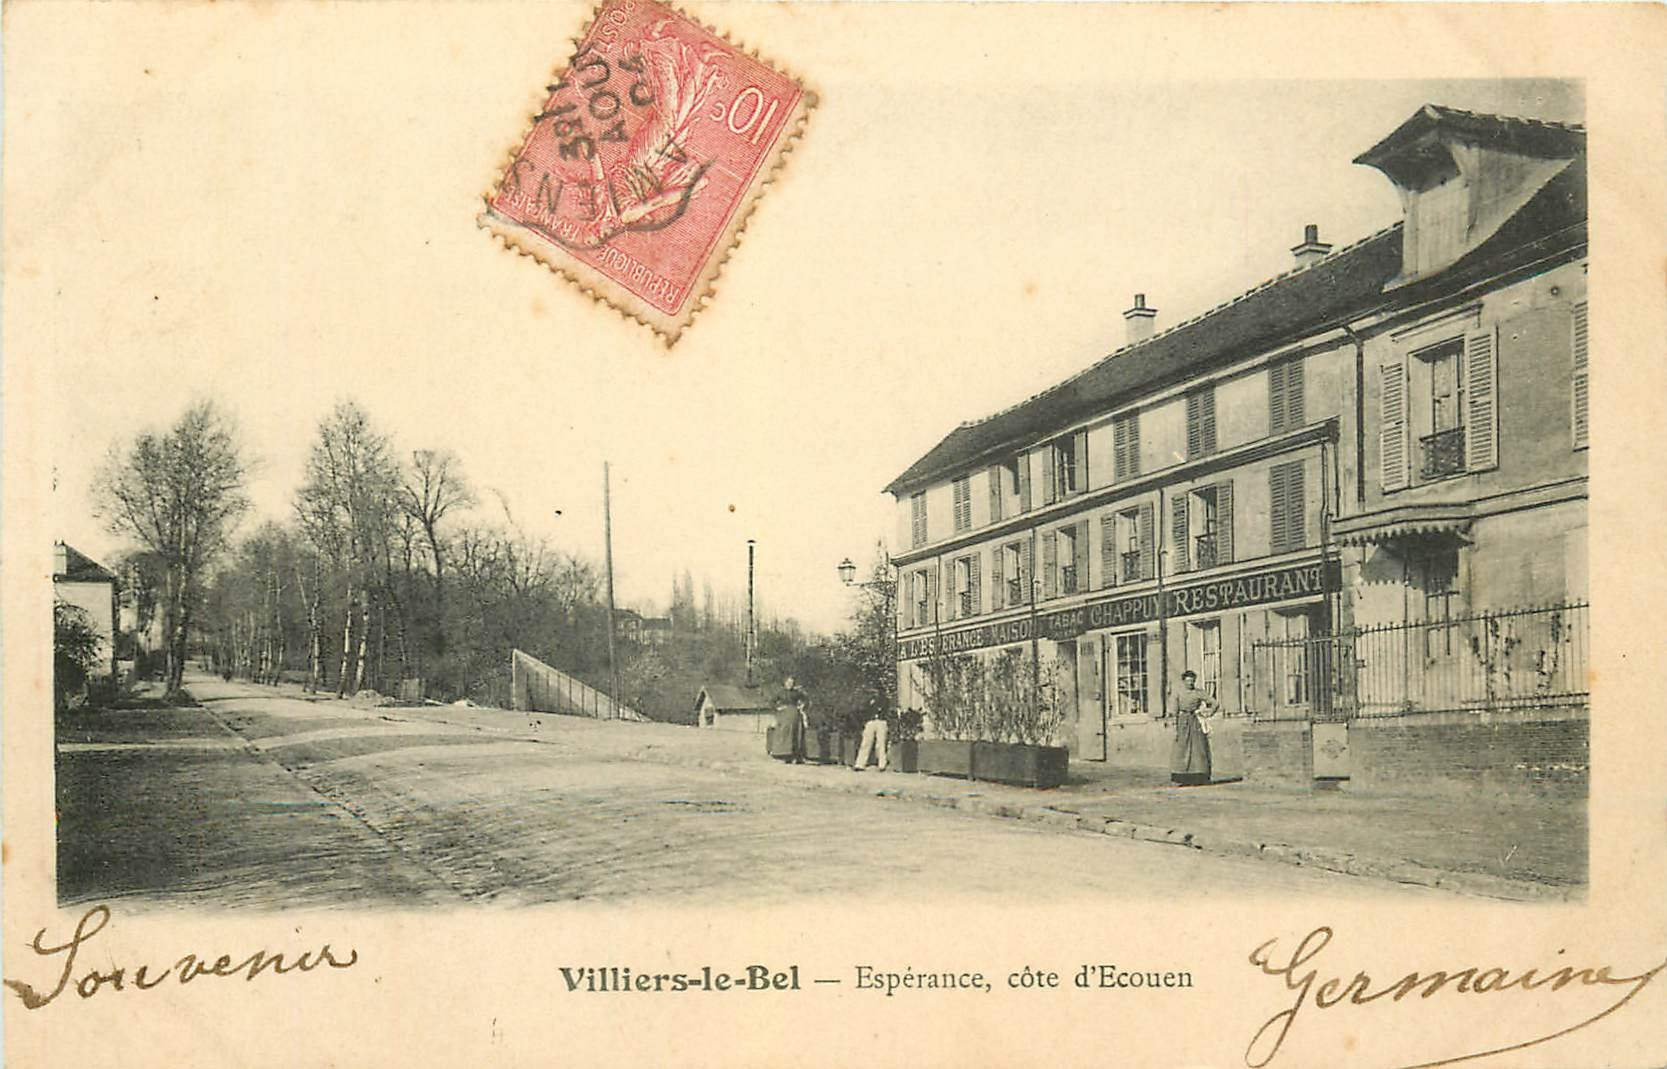 95 VILLIERS-LE-BEL. Café restaurant Chappuy Espérance côté Ecouen